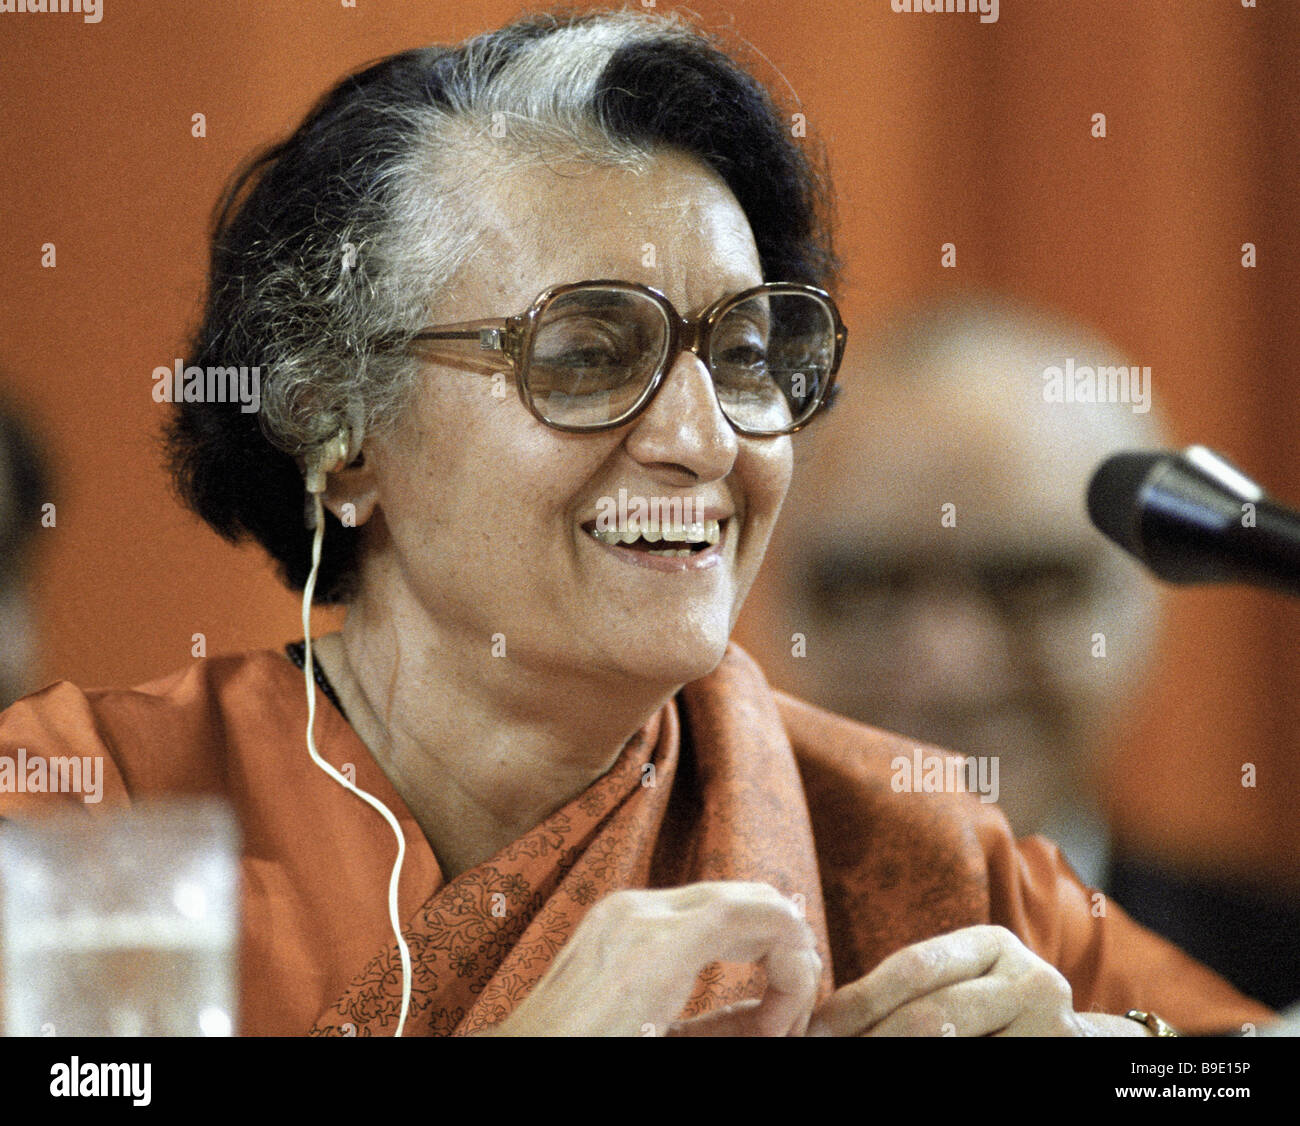 Le premier ministre Indira Gandhi en donnant une interview lors de sa visite à l'Union Soviétique Banque D'Images